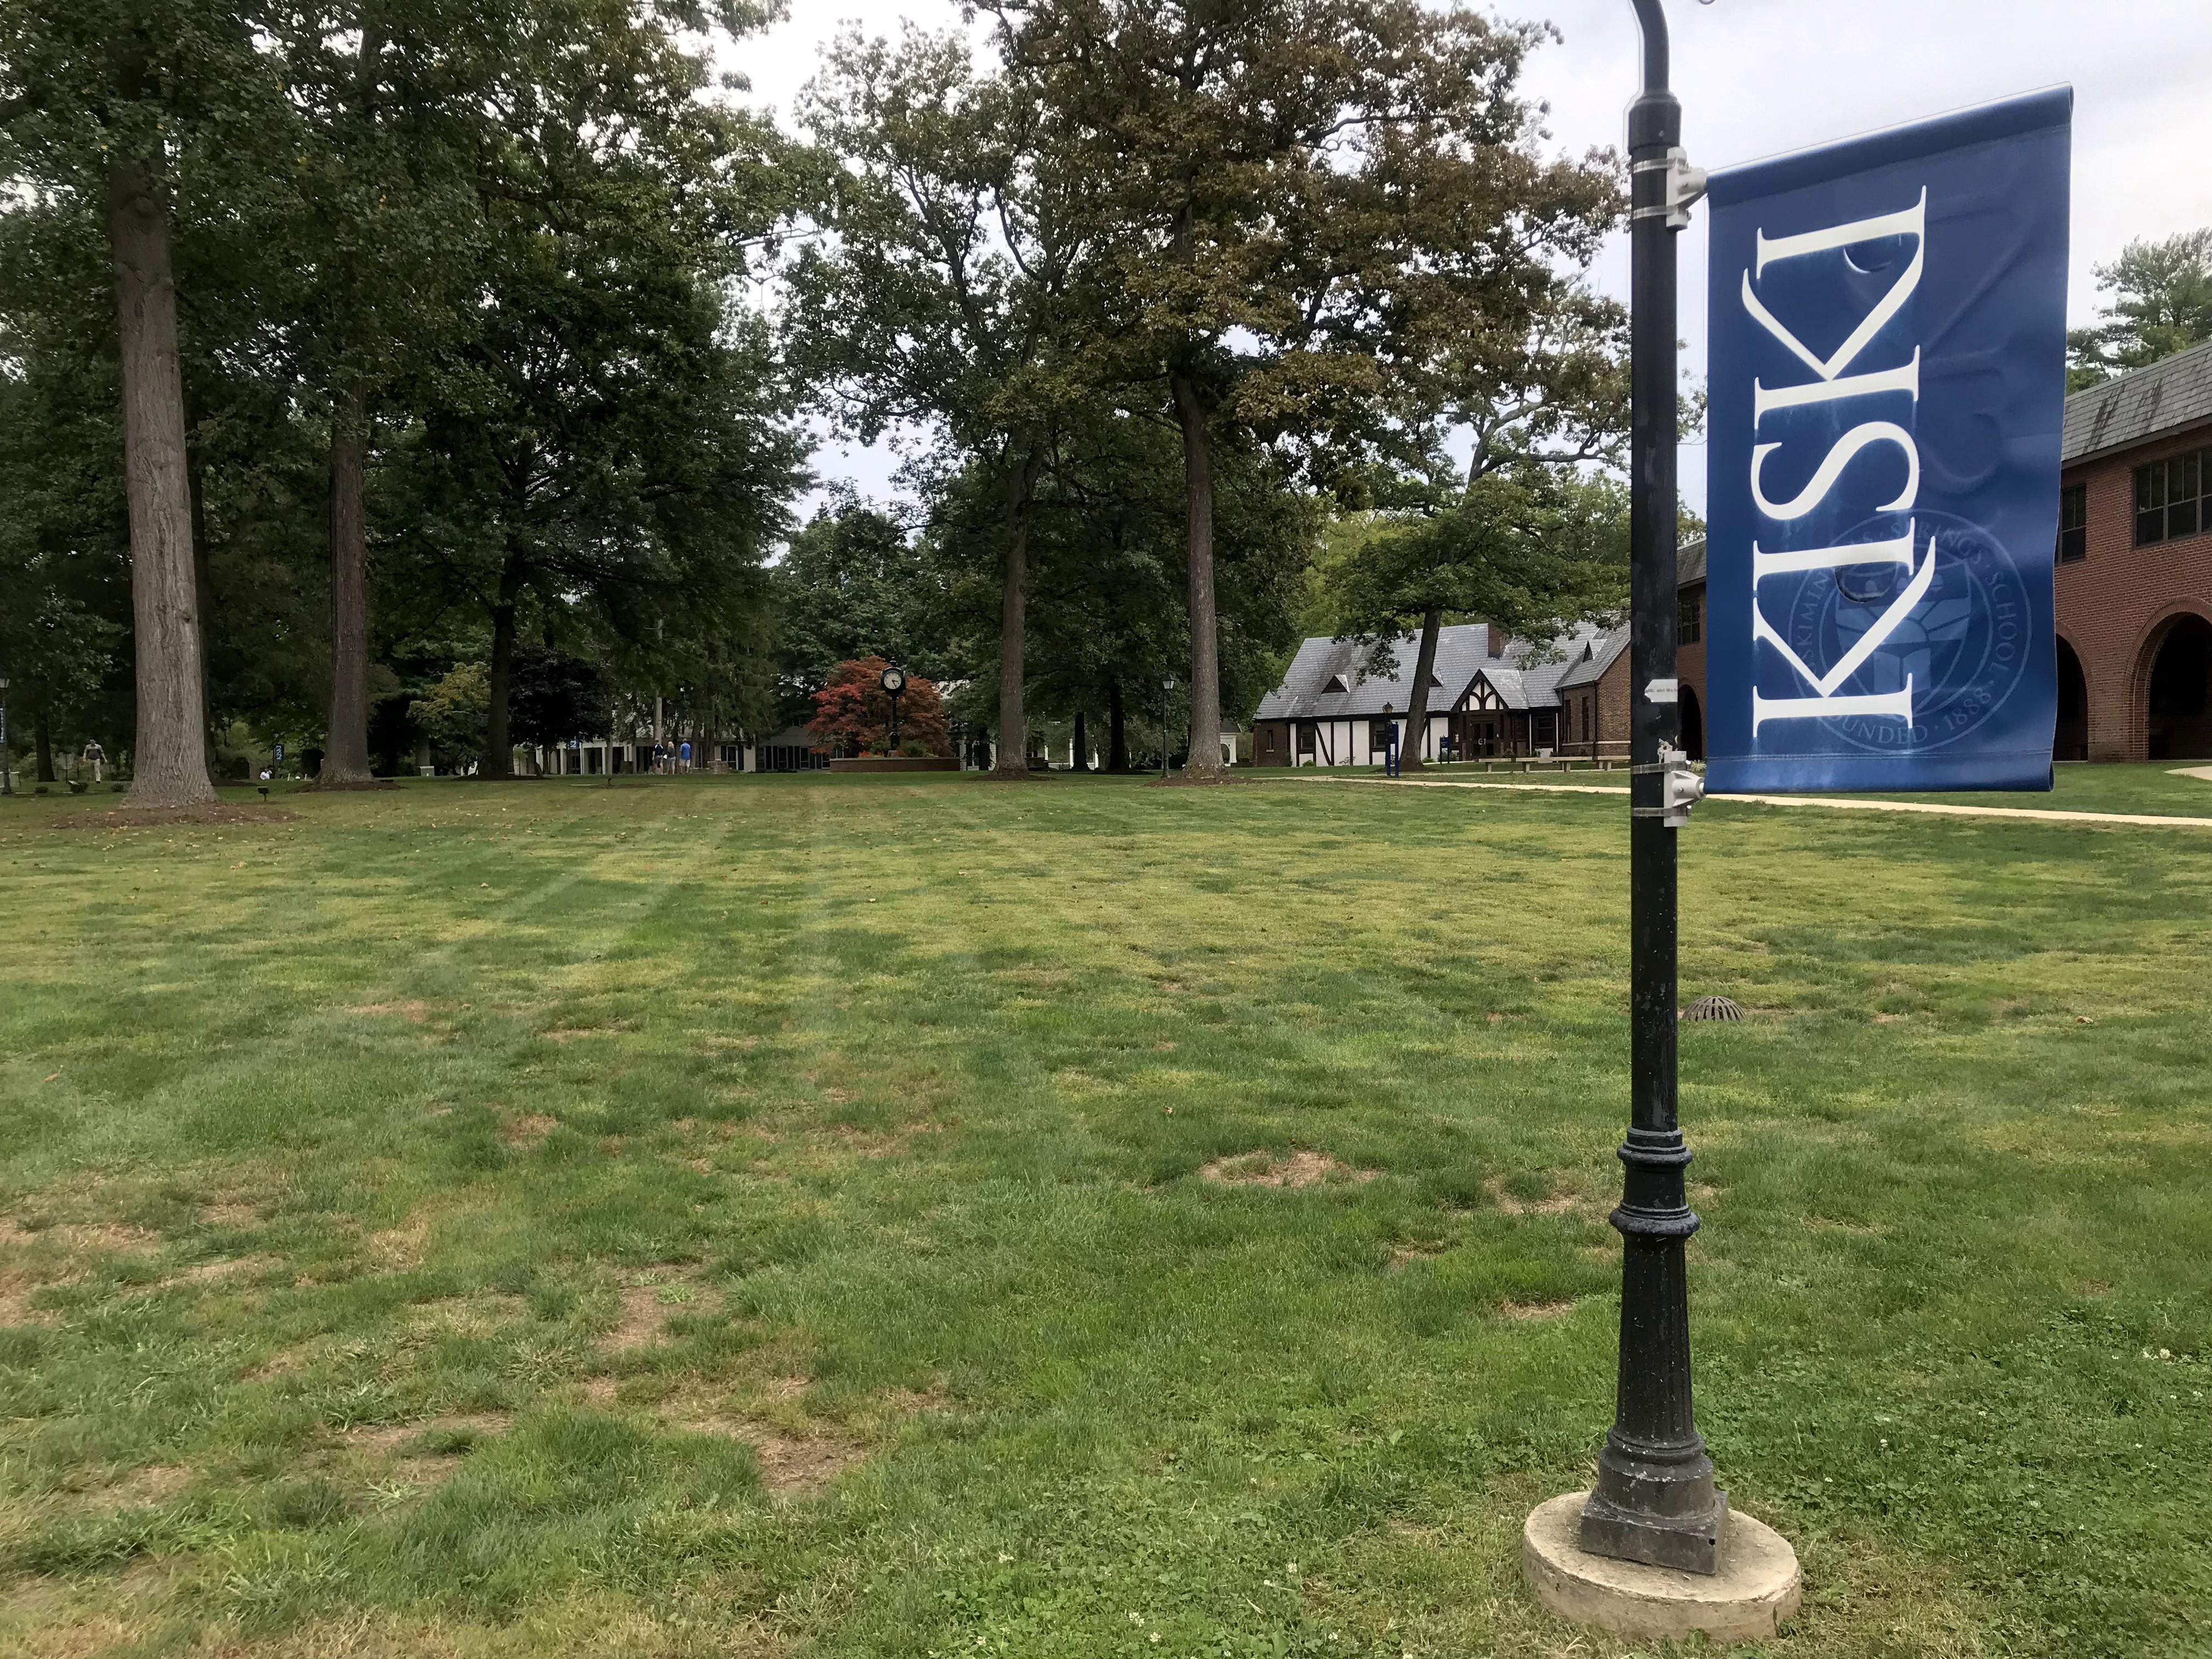 Kiski School 入口处